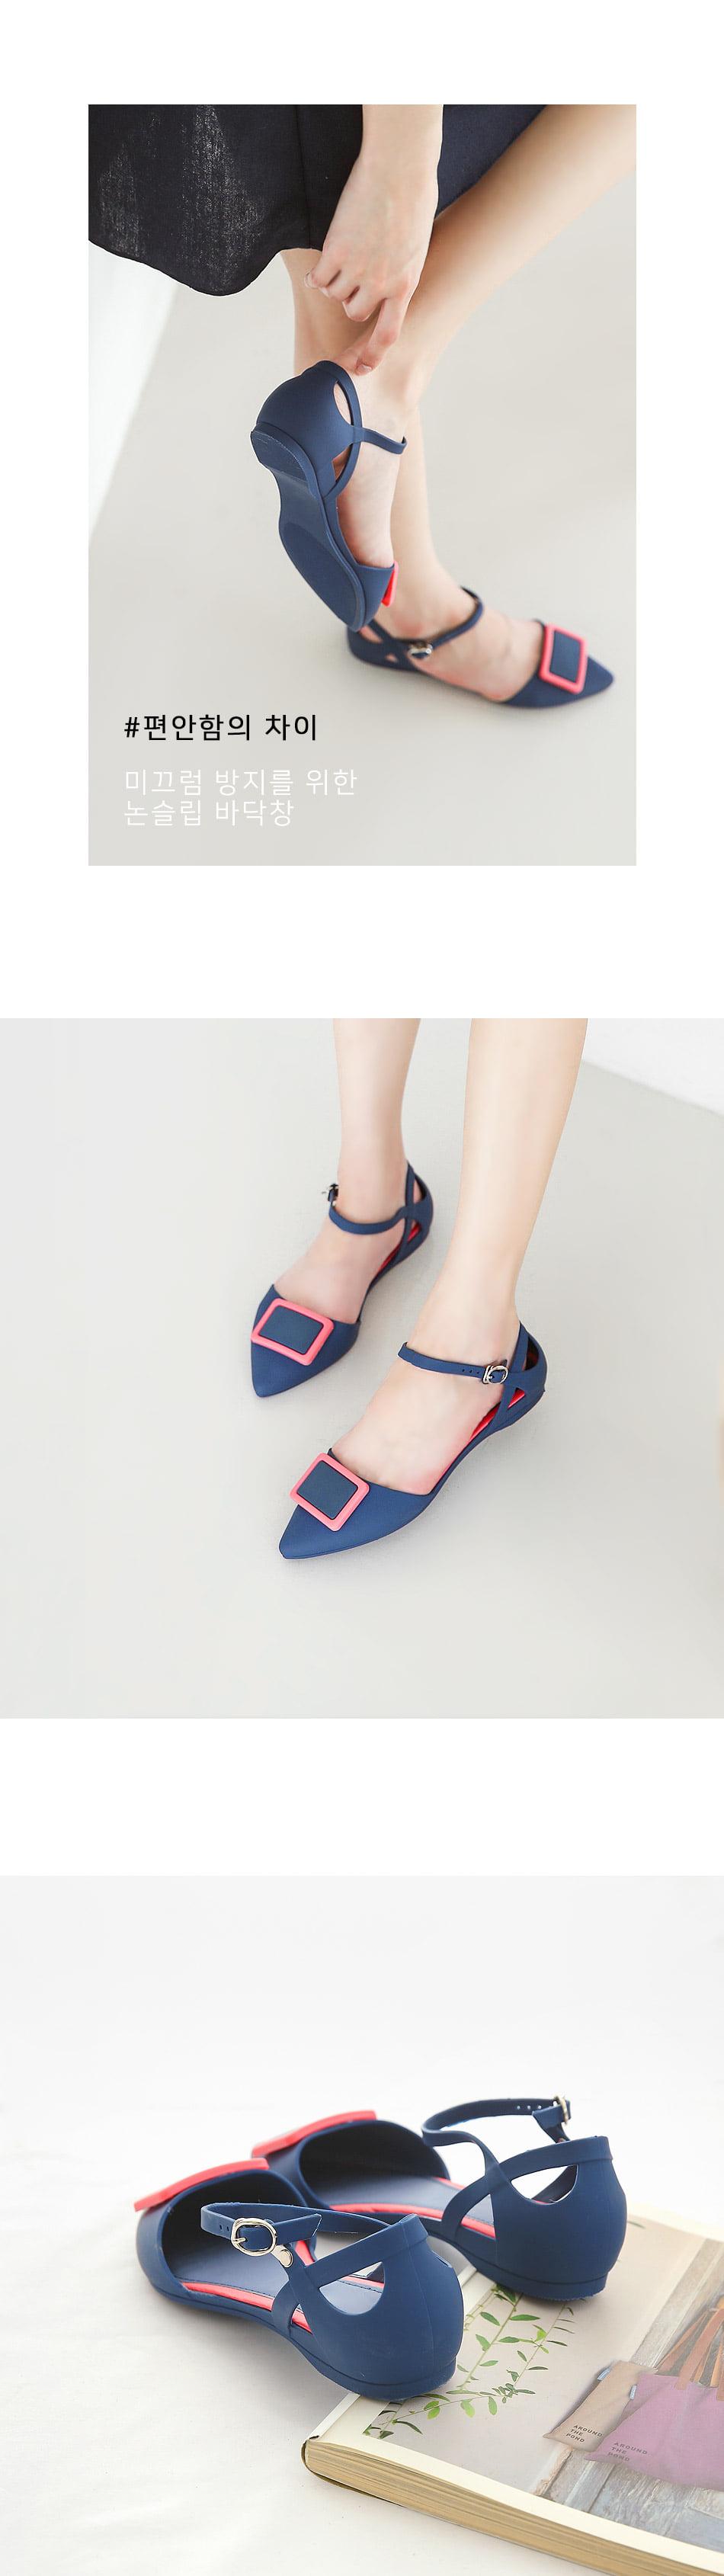 Letsa strap height flat shoes 2cm